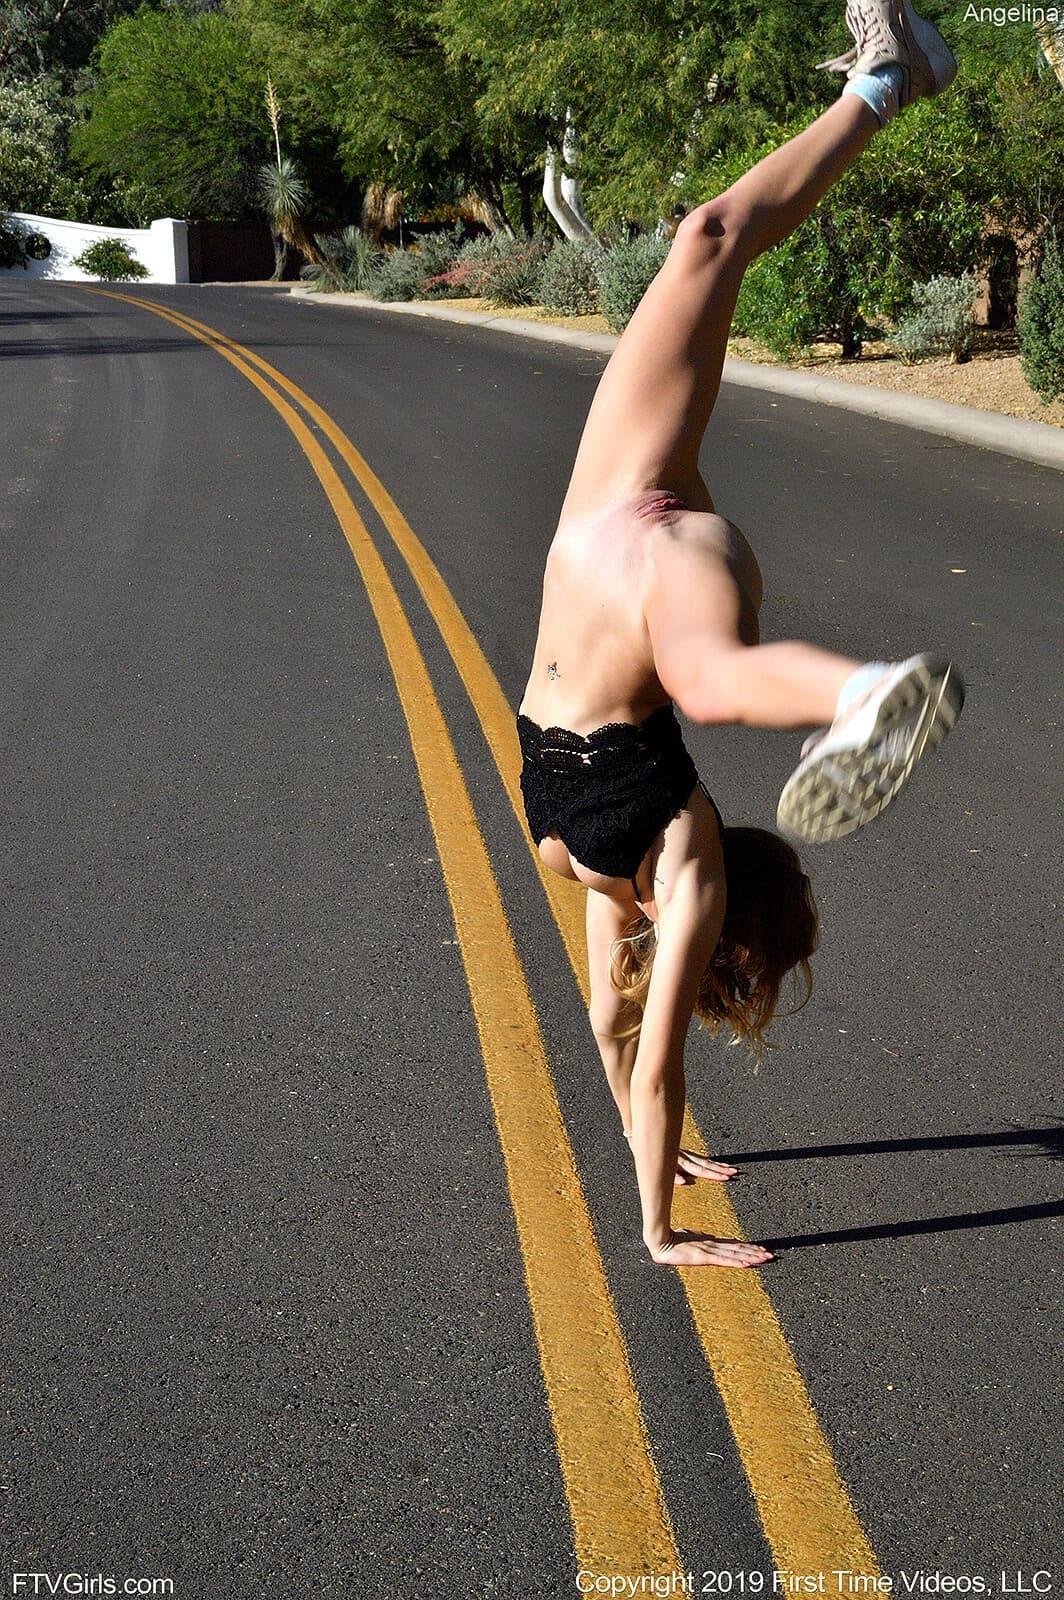 Спортивная девушка светит попочку на прогулке - фото